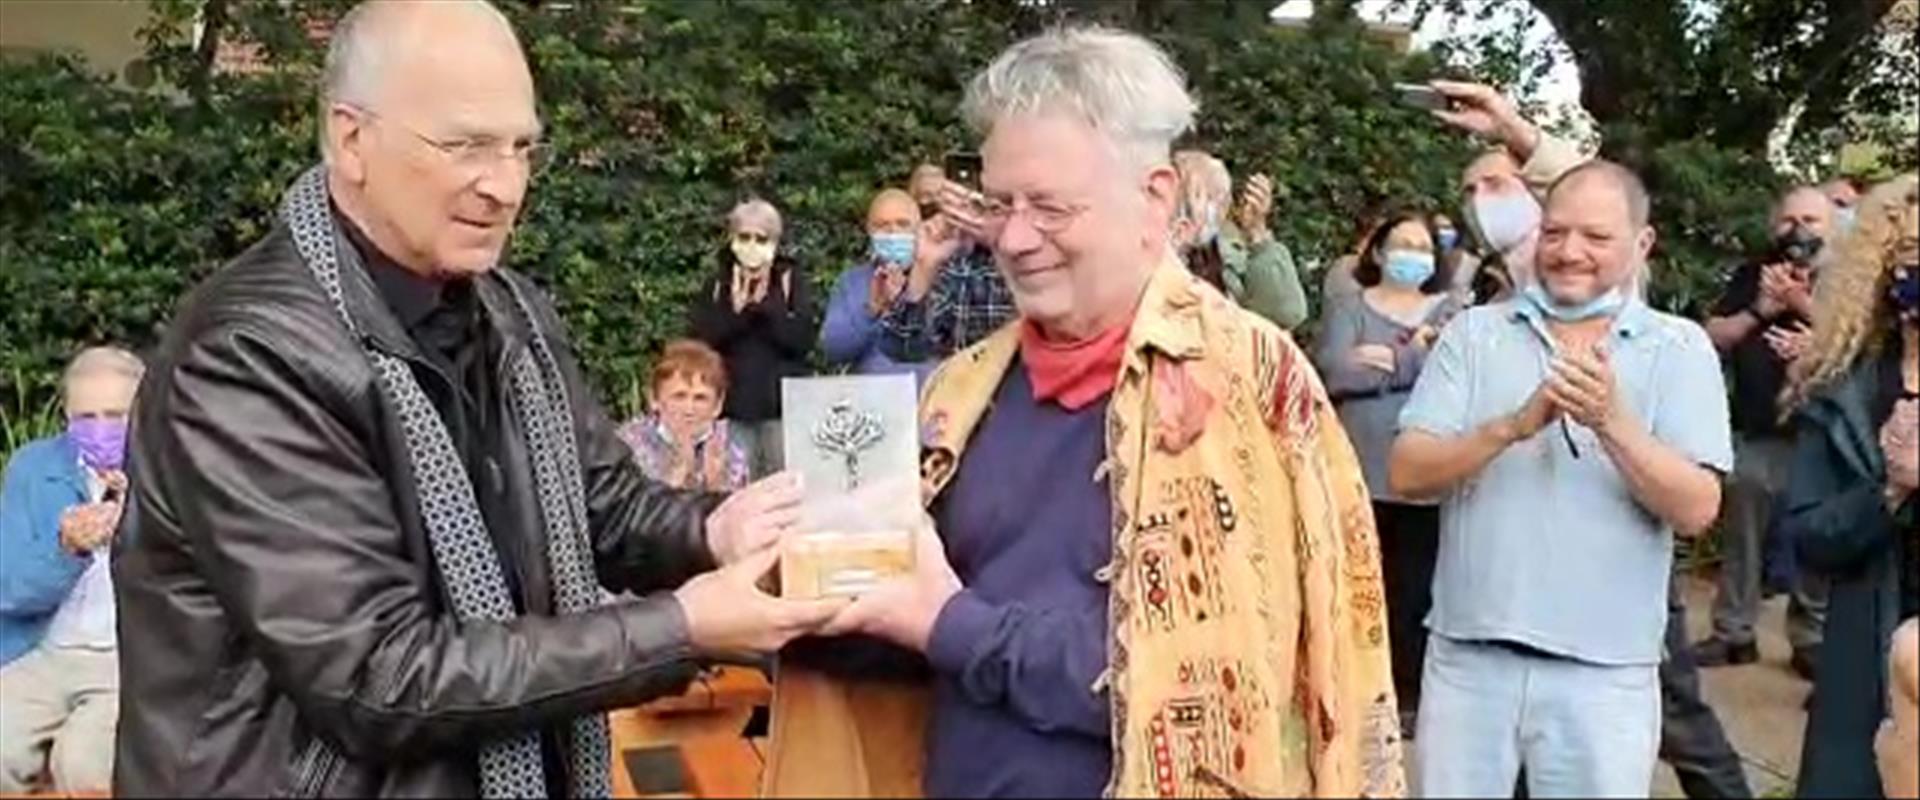 פרופ' גולדרייך עם פרופ' הראל בטקס האלטרנטיבי